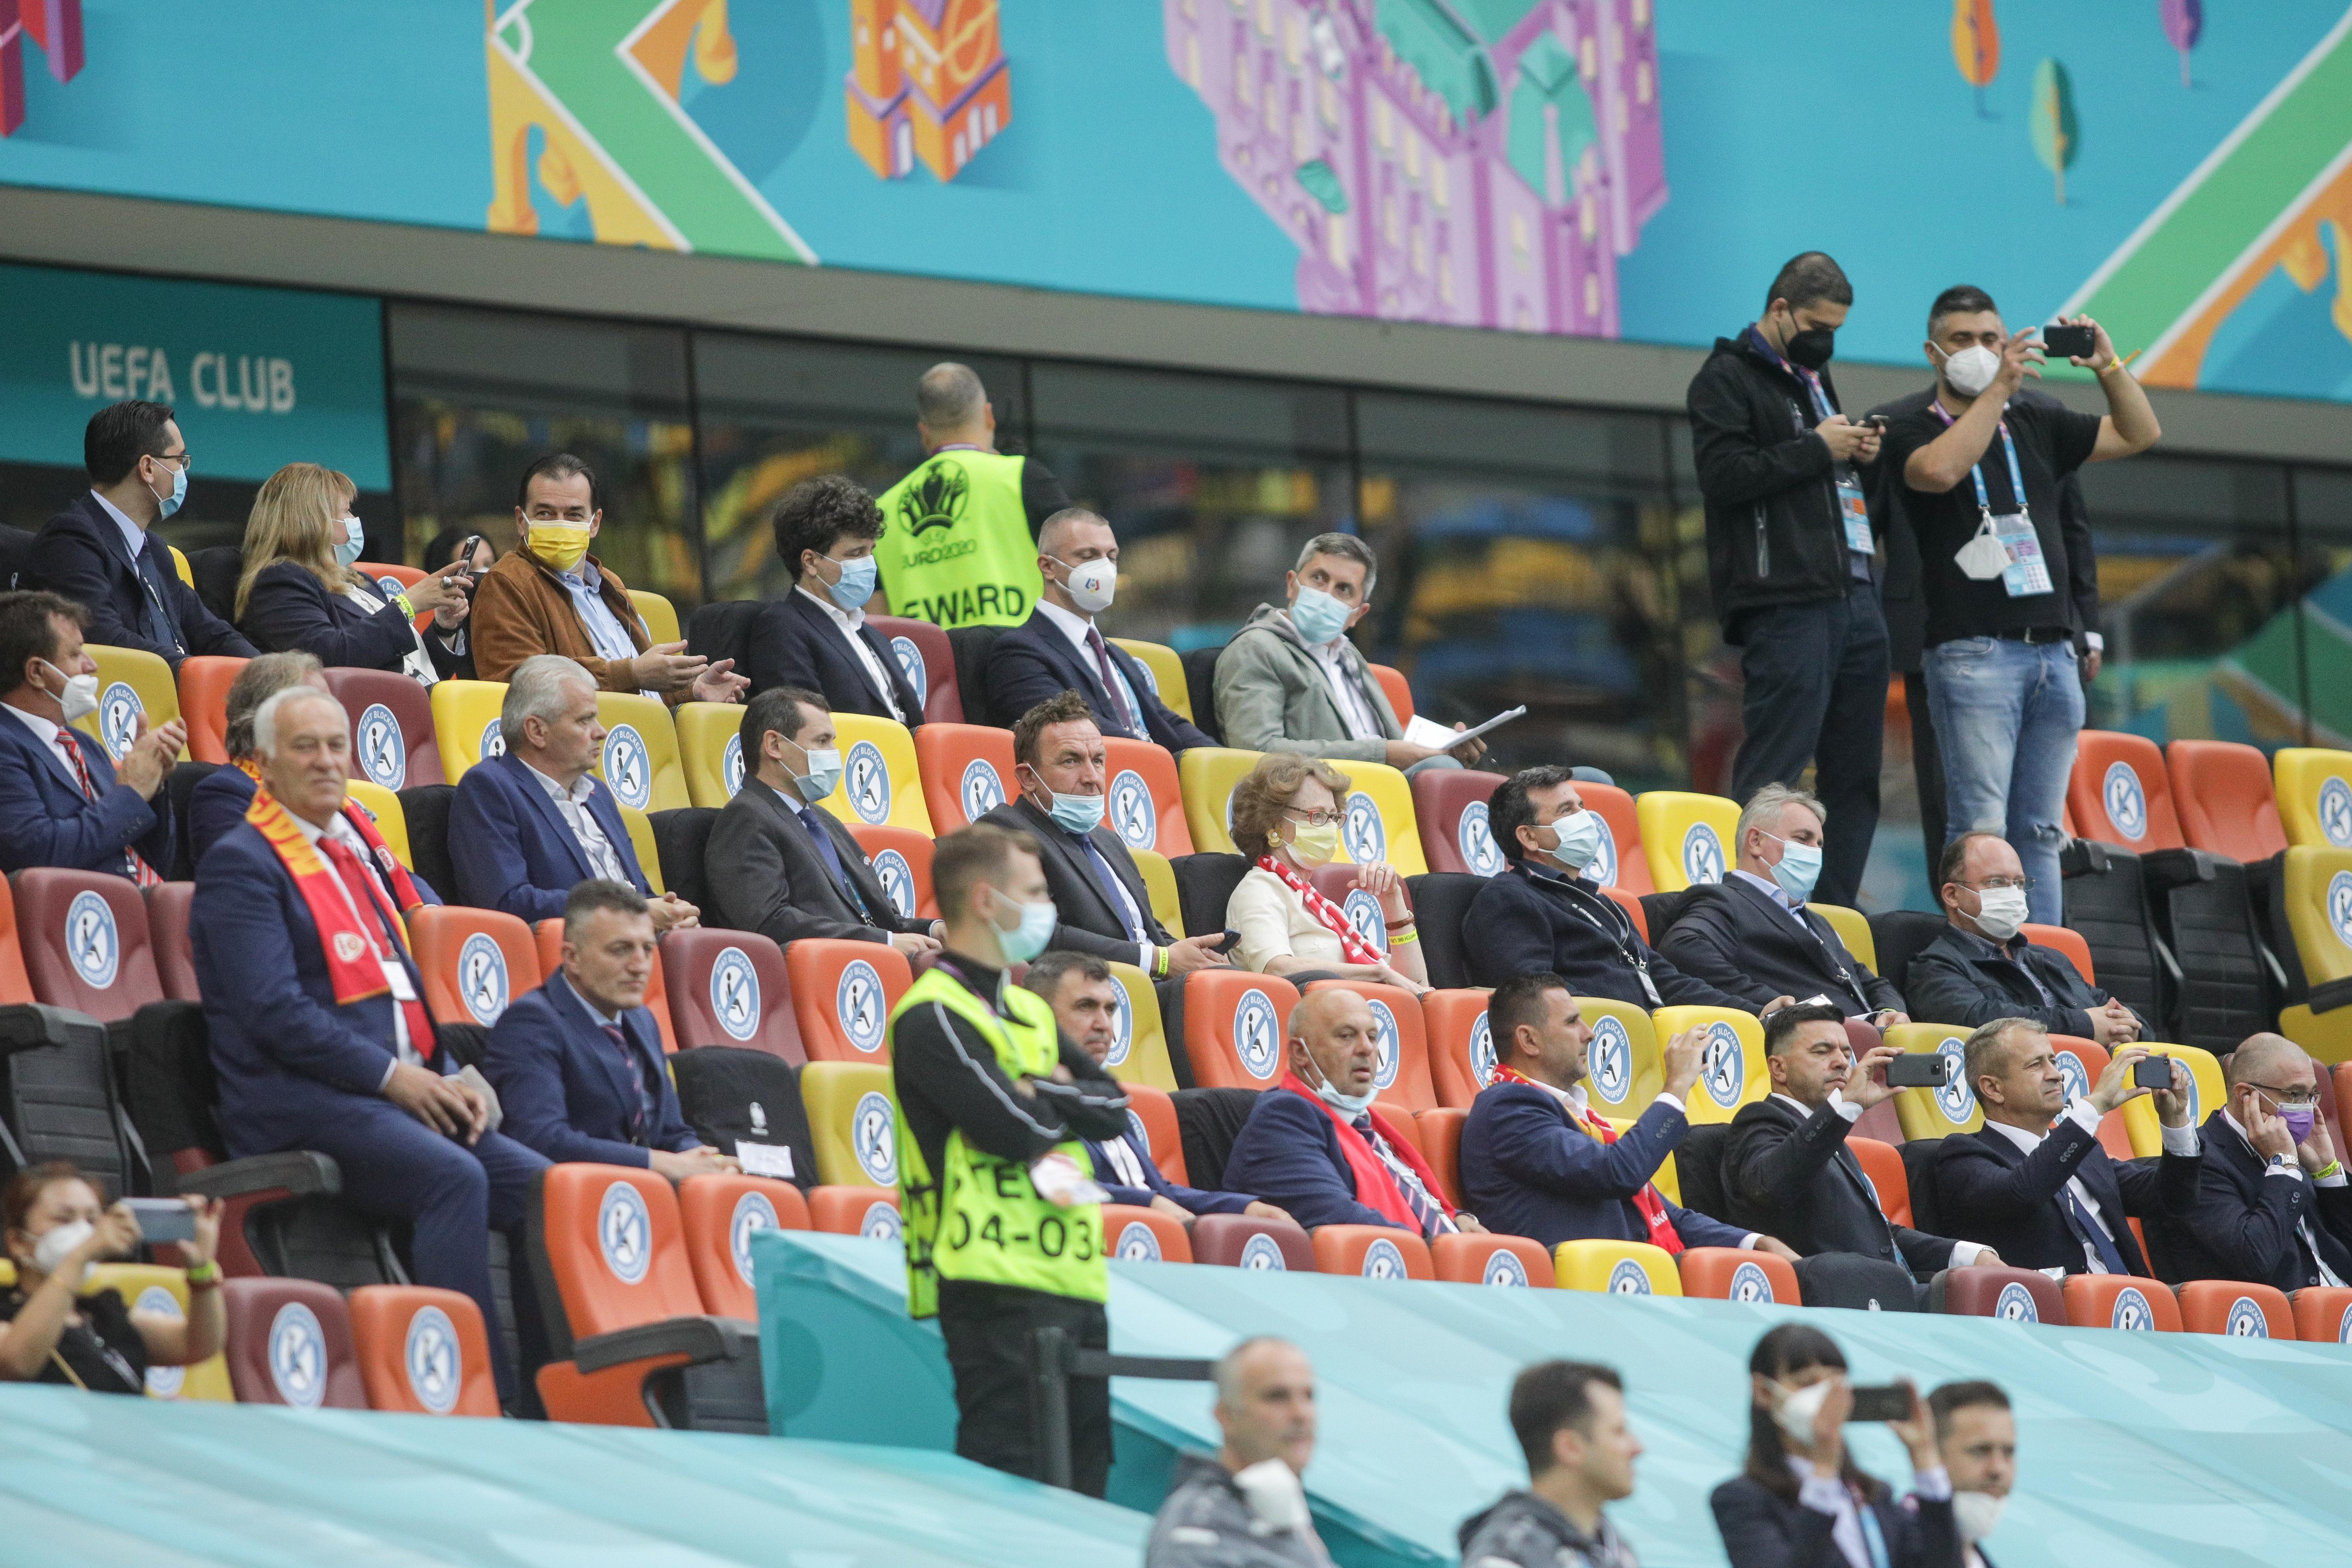 FOTO. Politicienii la VIP - Hagi, Popescu și Dorinel Munteanu la tribuna a II-a, la meciul de pe Arena Națională de la EURO